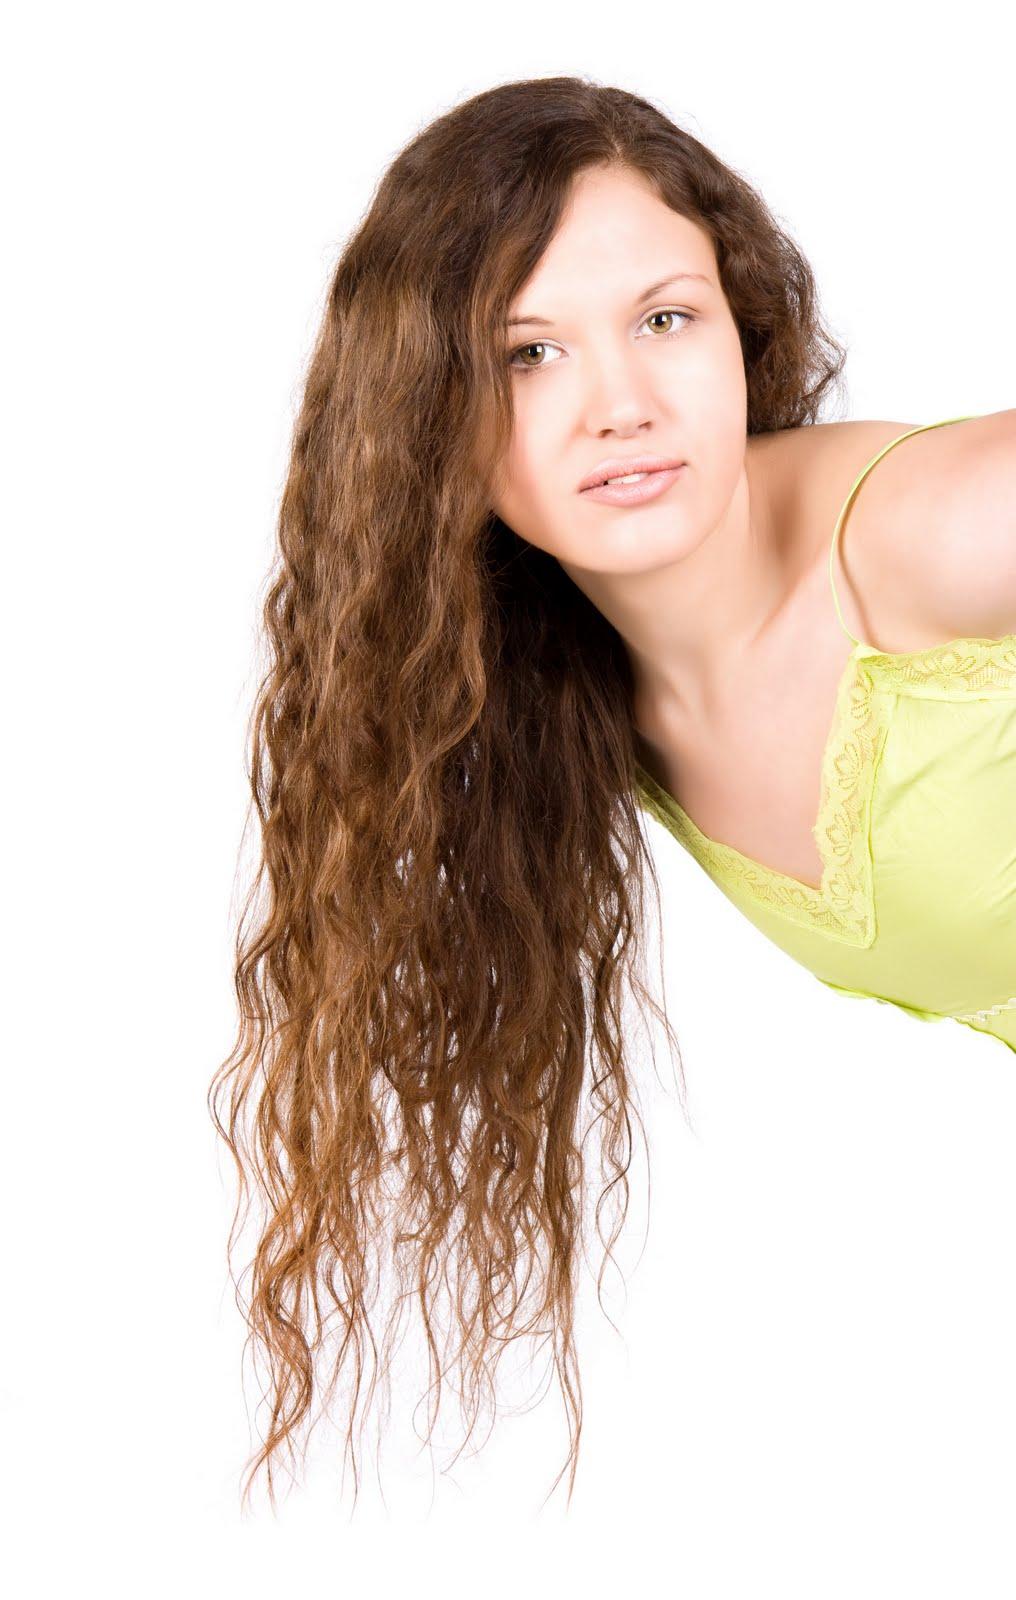 Comment accelerer la pousse des cheveux ?